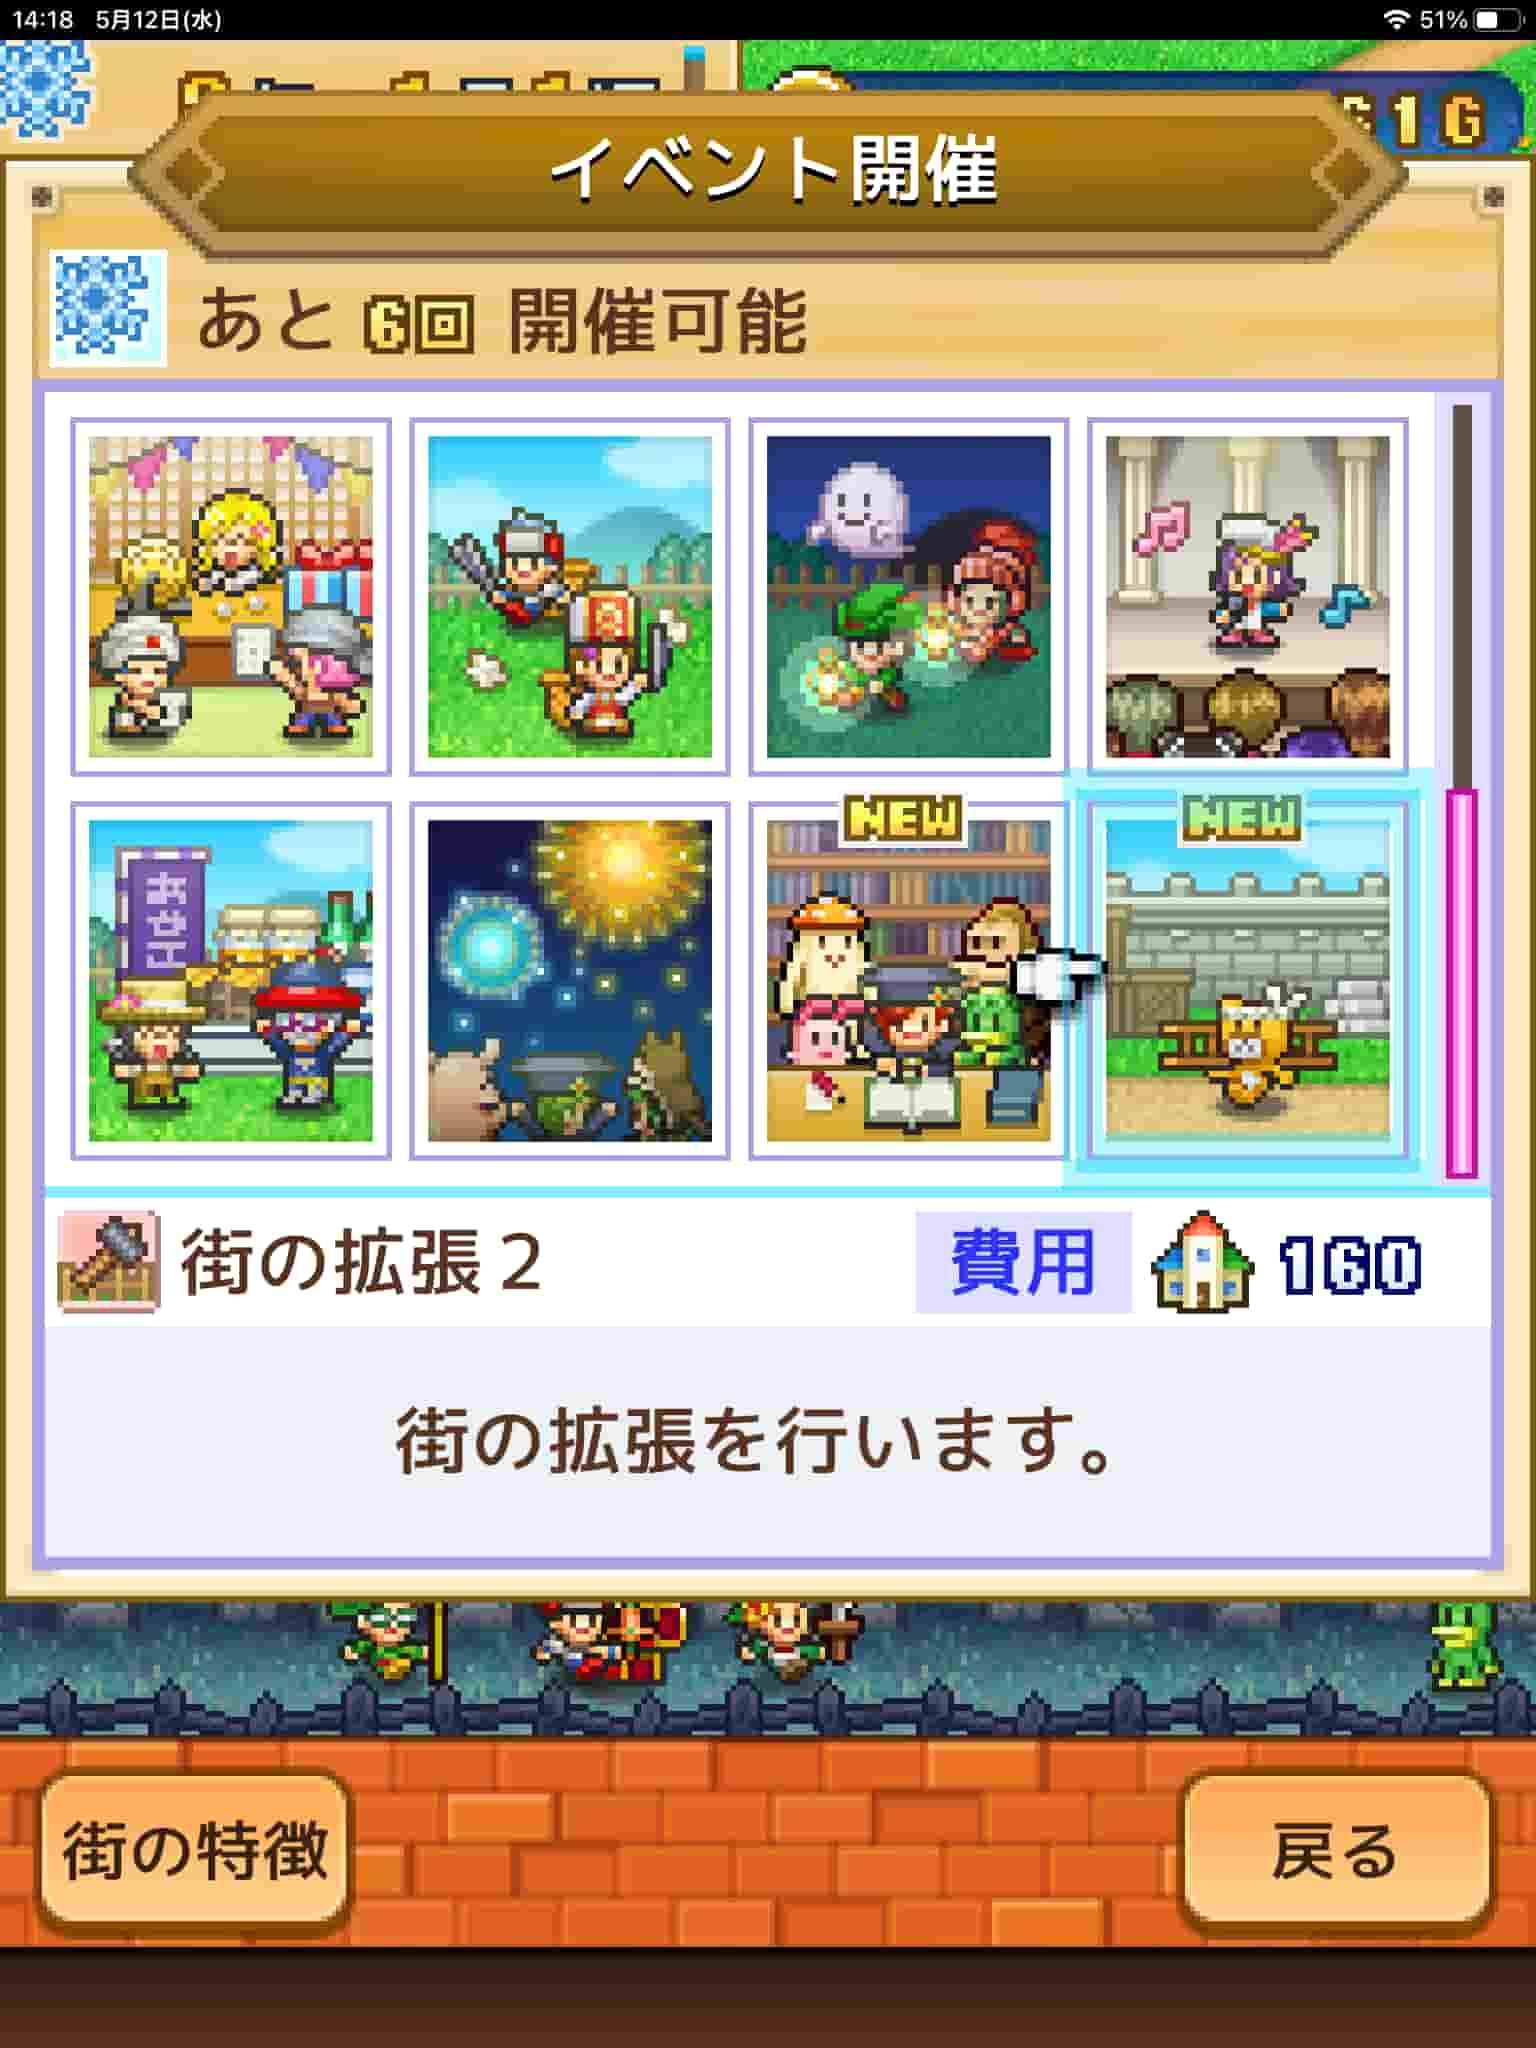 冒険ダンジョン村2、イベント